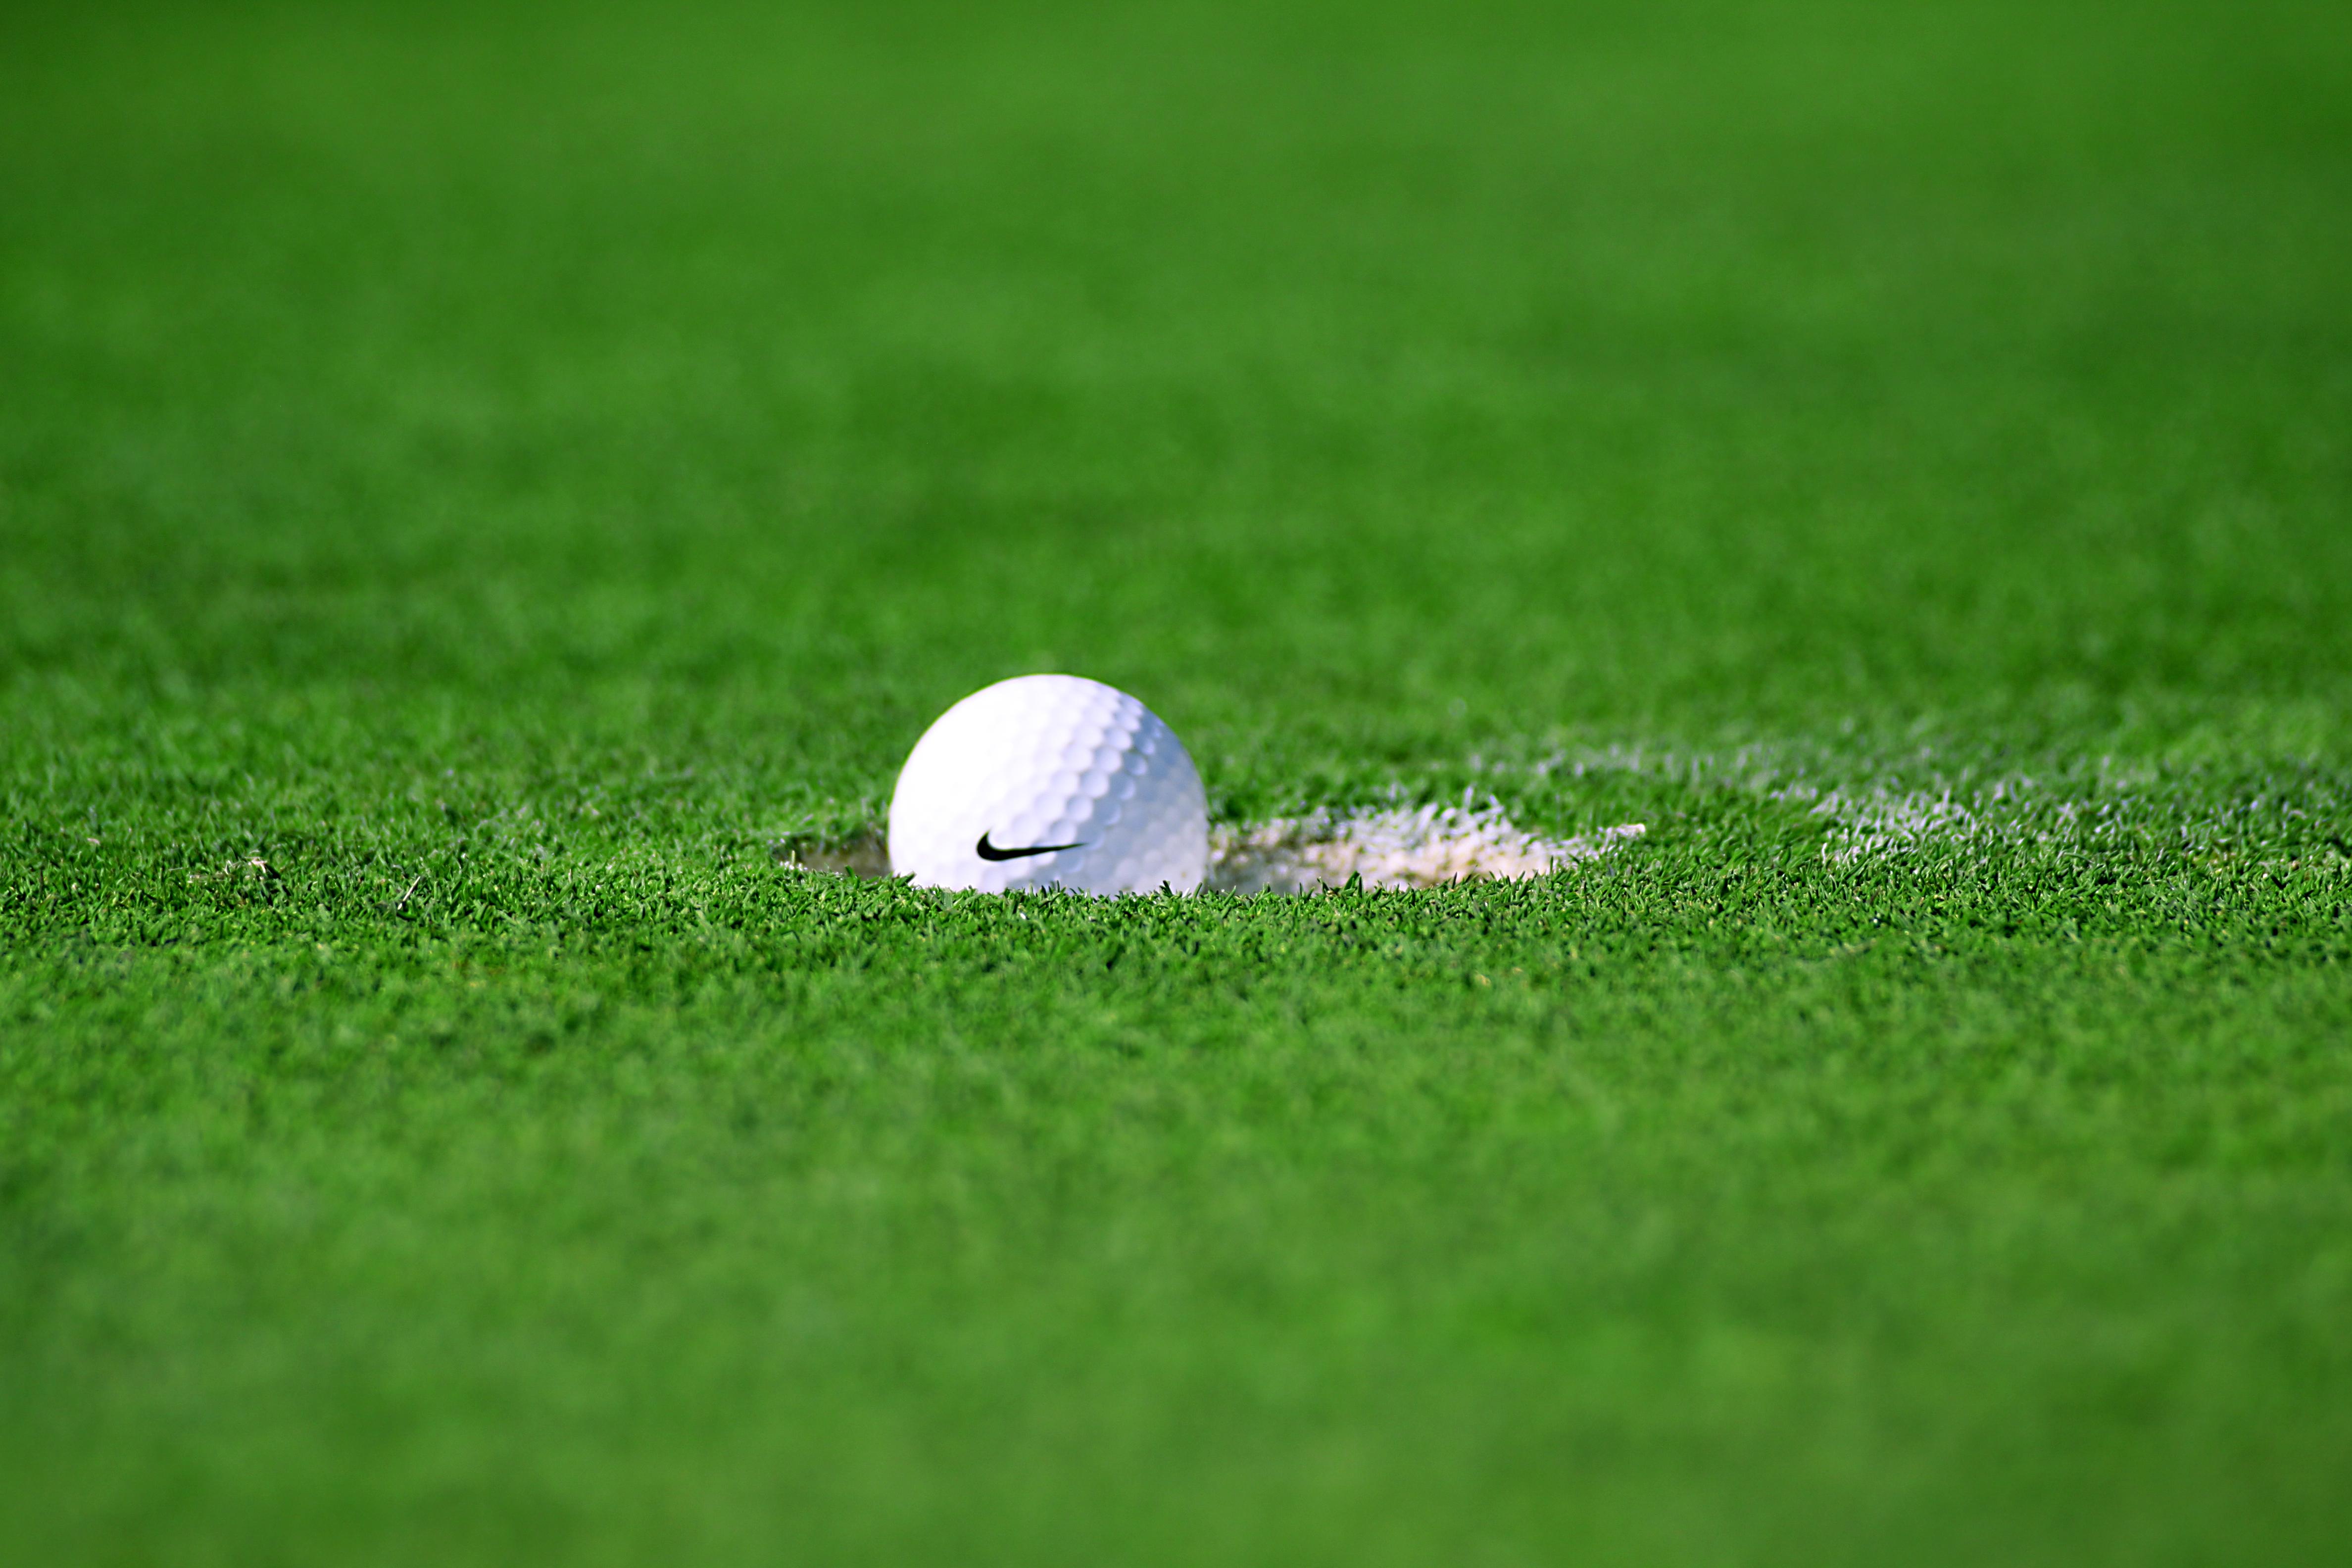 ゴルフ ゴルフボールの無料の写真素材